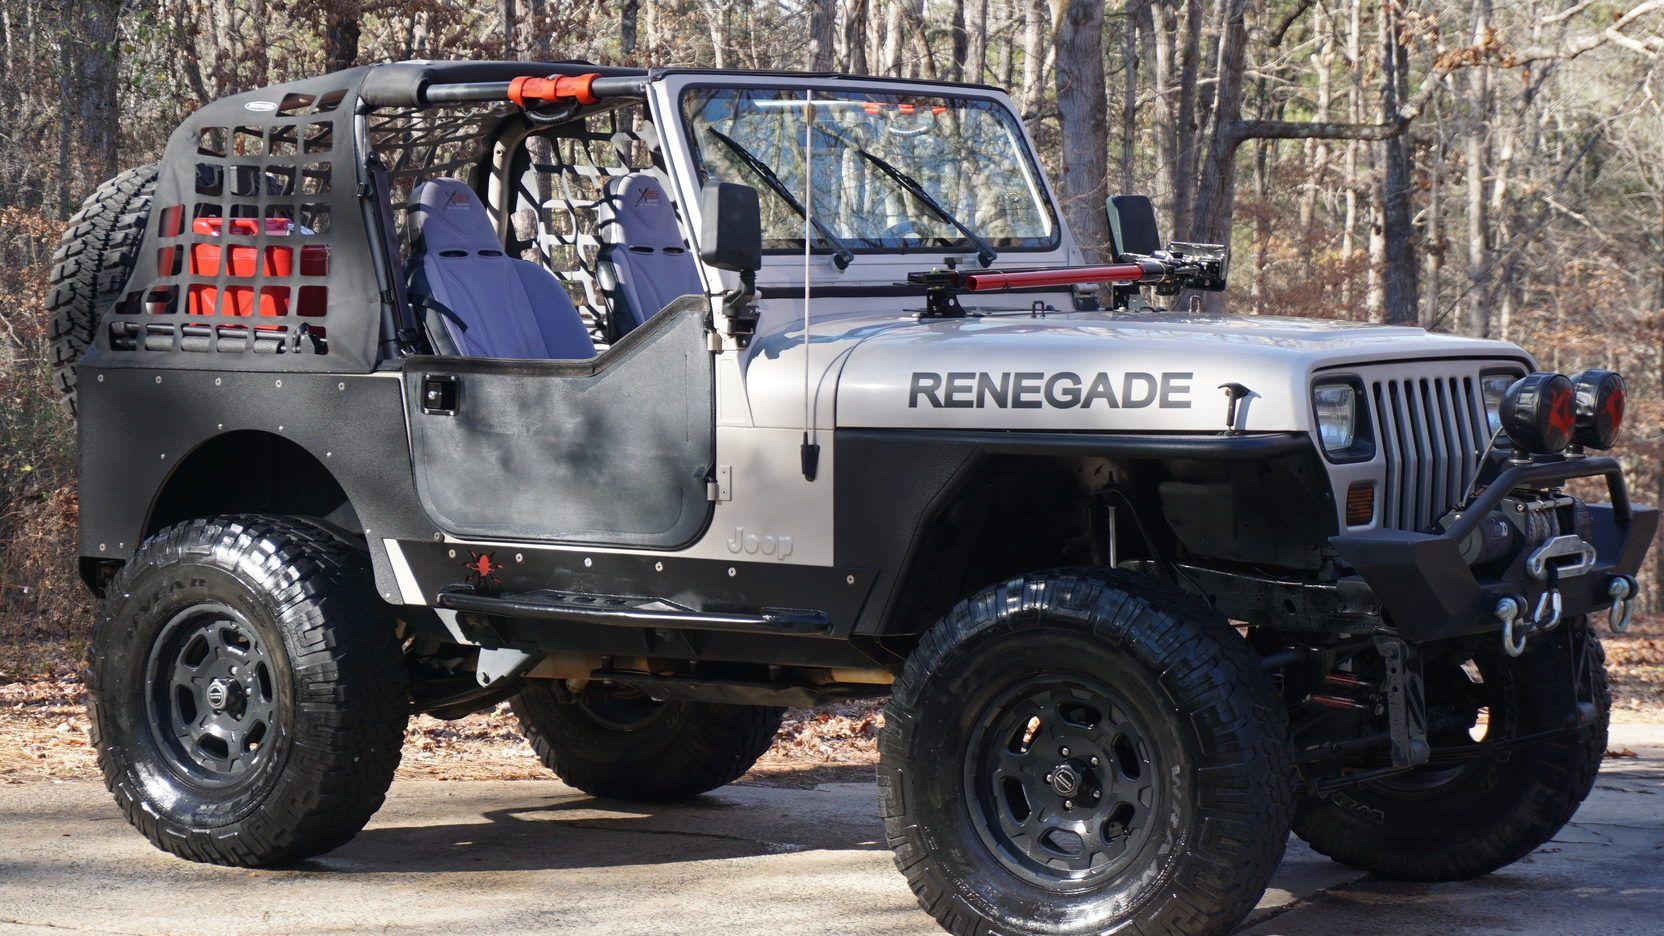 1995 Jeep Wrangler Custom 1 Print Image Custom Jeep Wrangler Jeep Wrangler Jeep